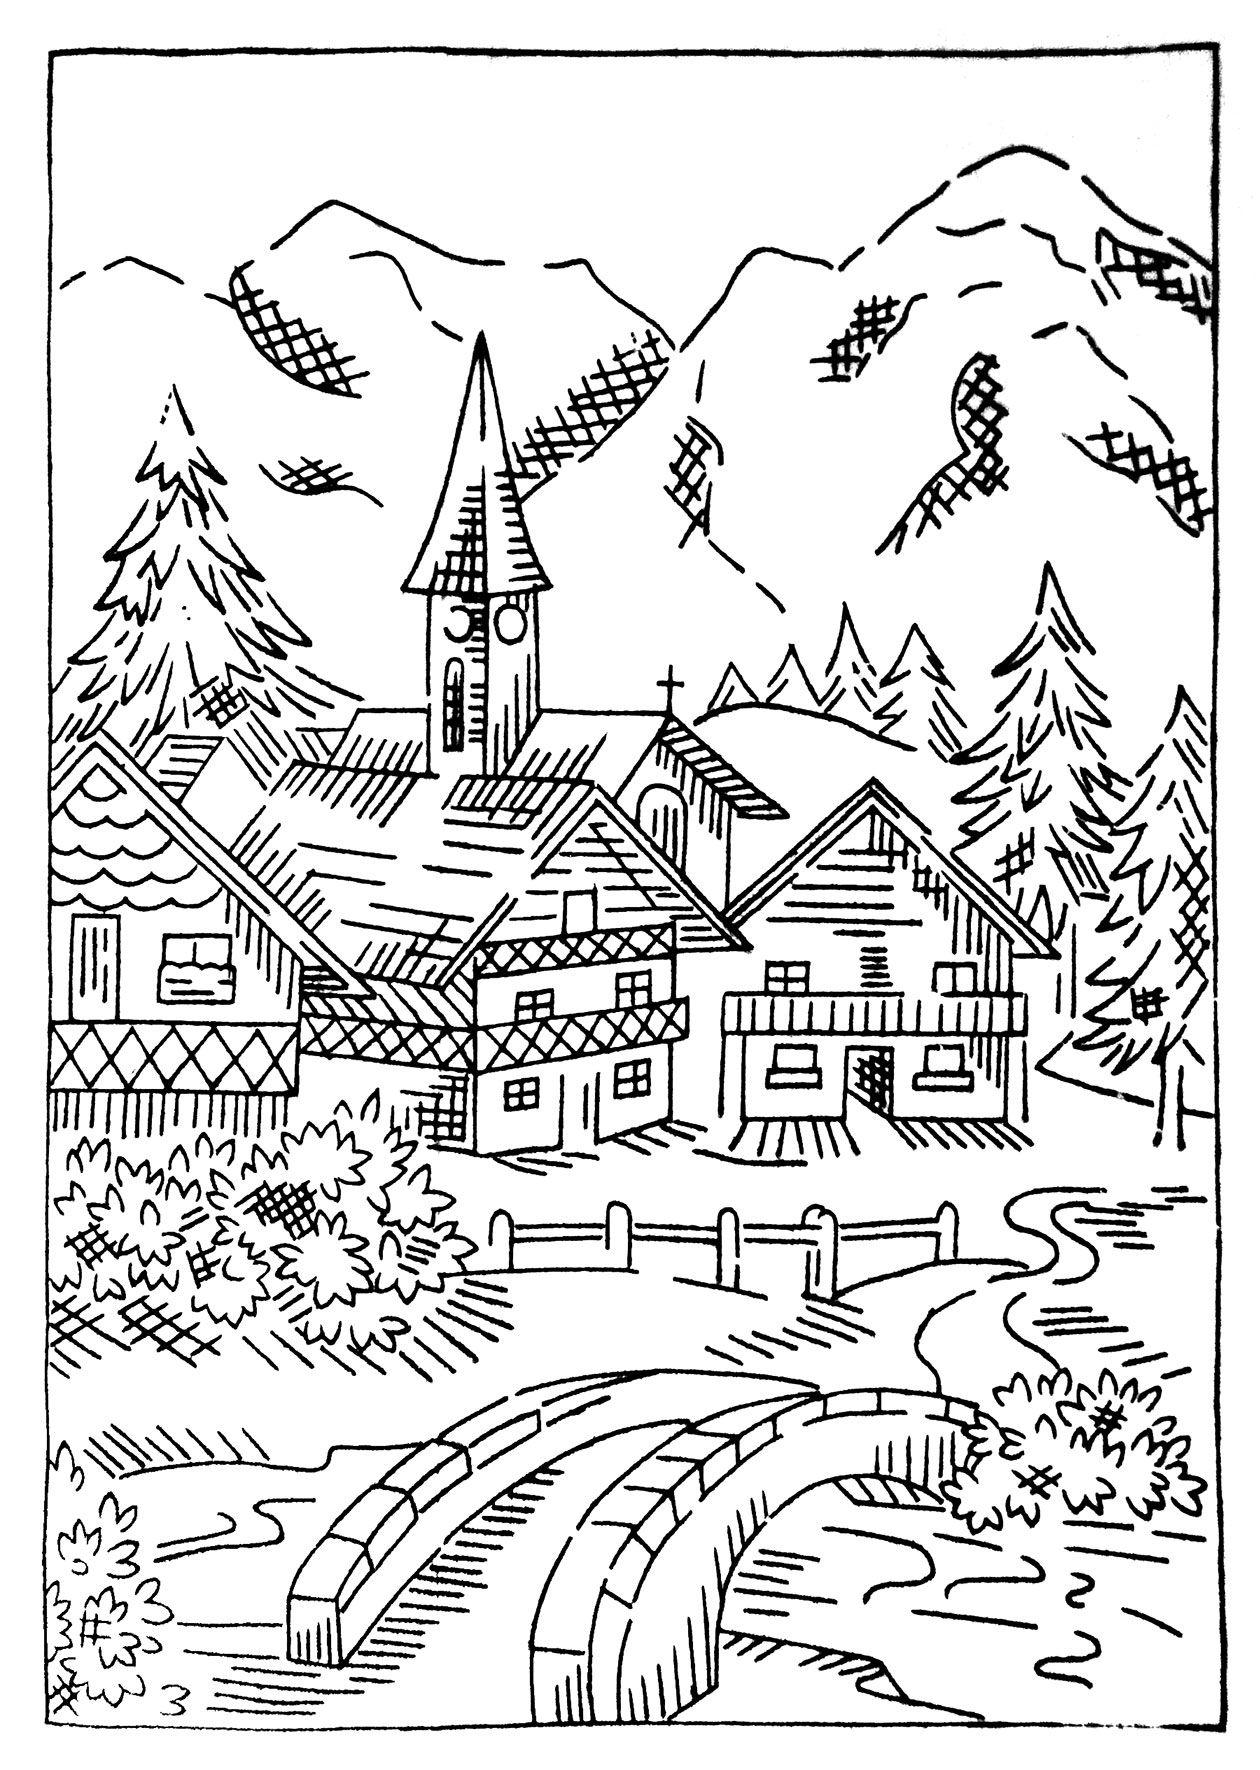 Briggs transfer village doodle coloring coloring pages to print printable coloring pages